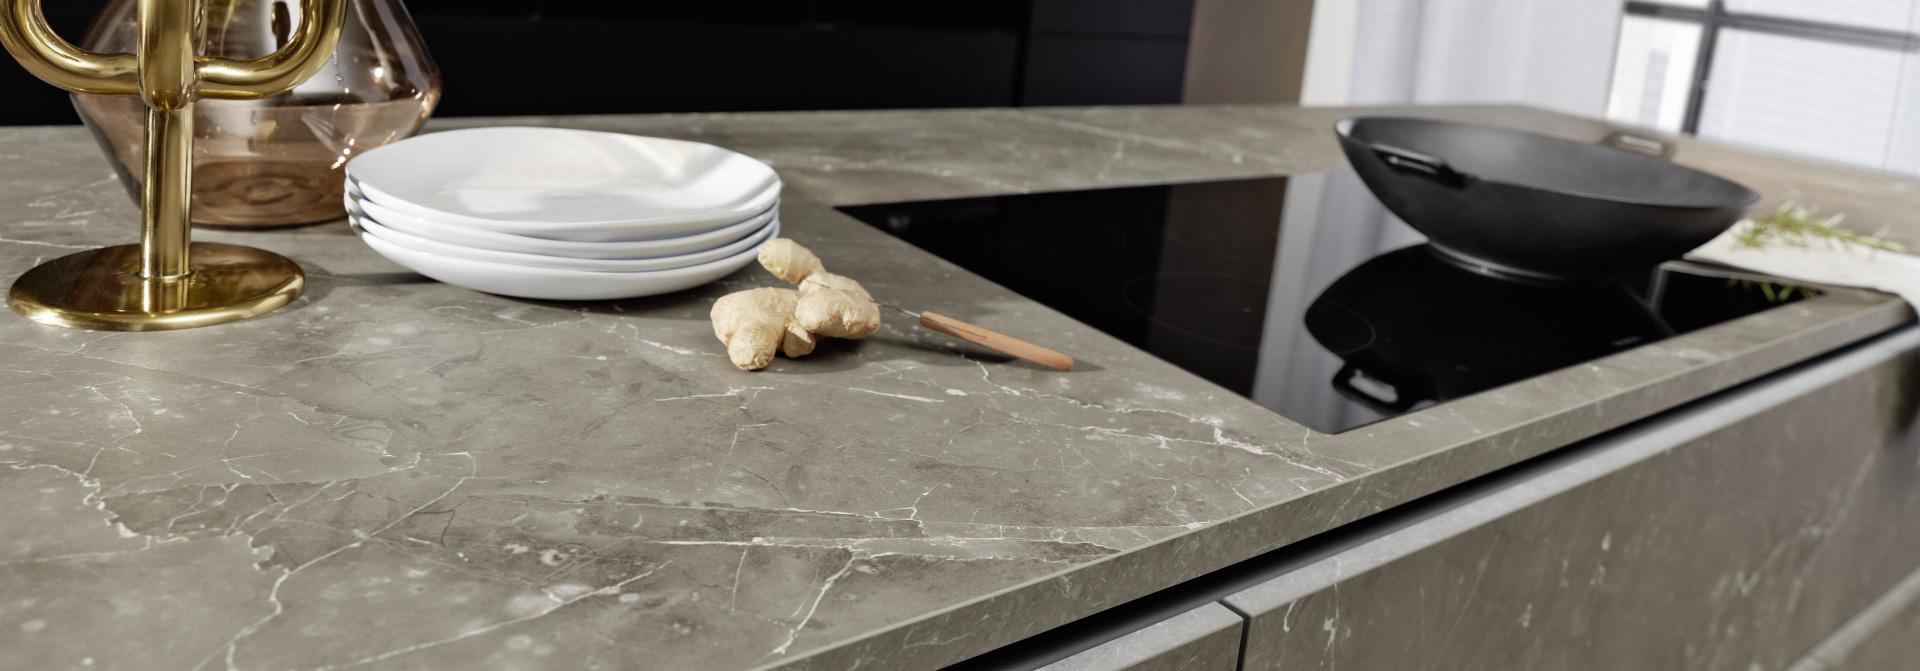 Plan de travail table de cuisson îlot central marbre cuisine annecy